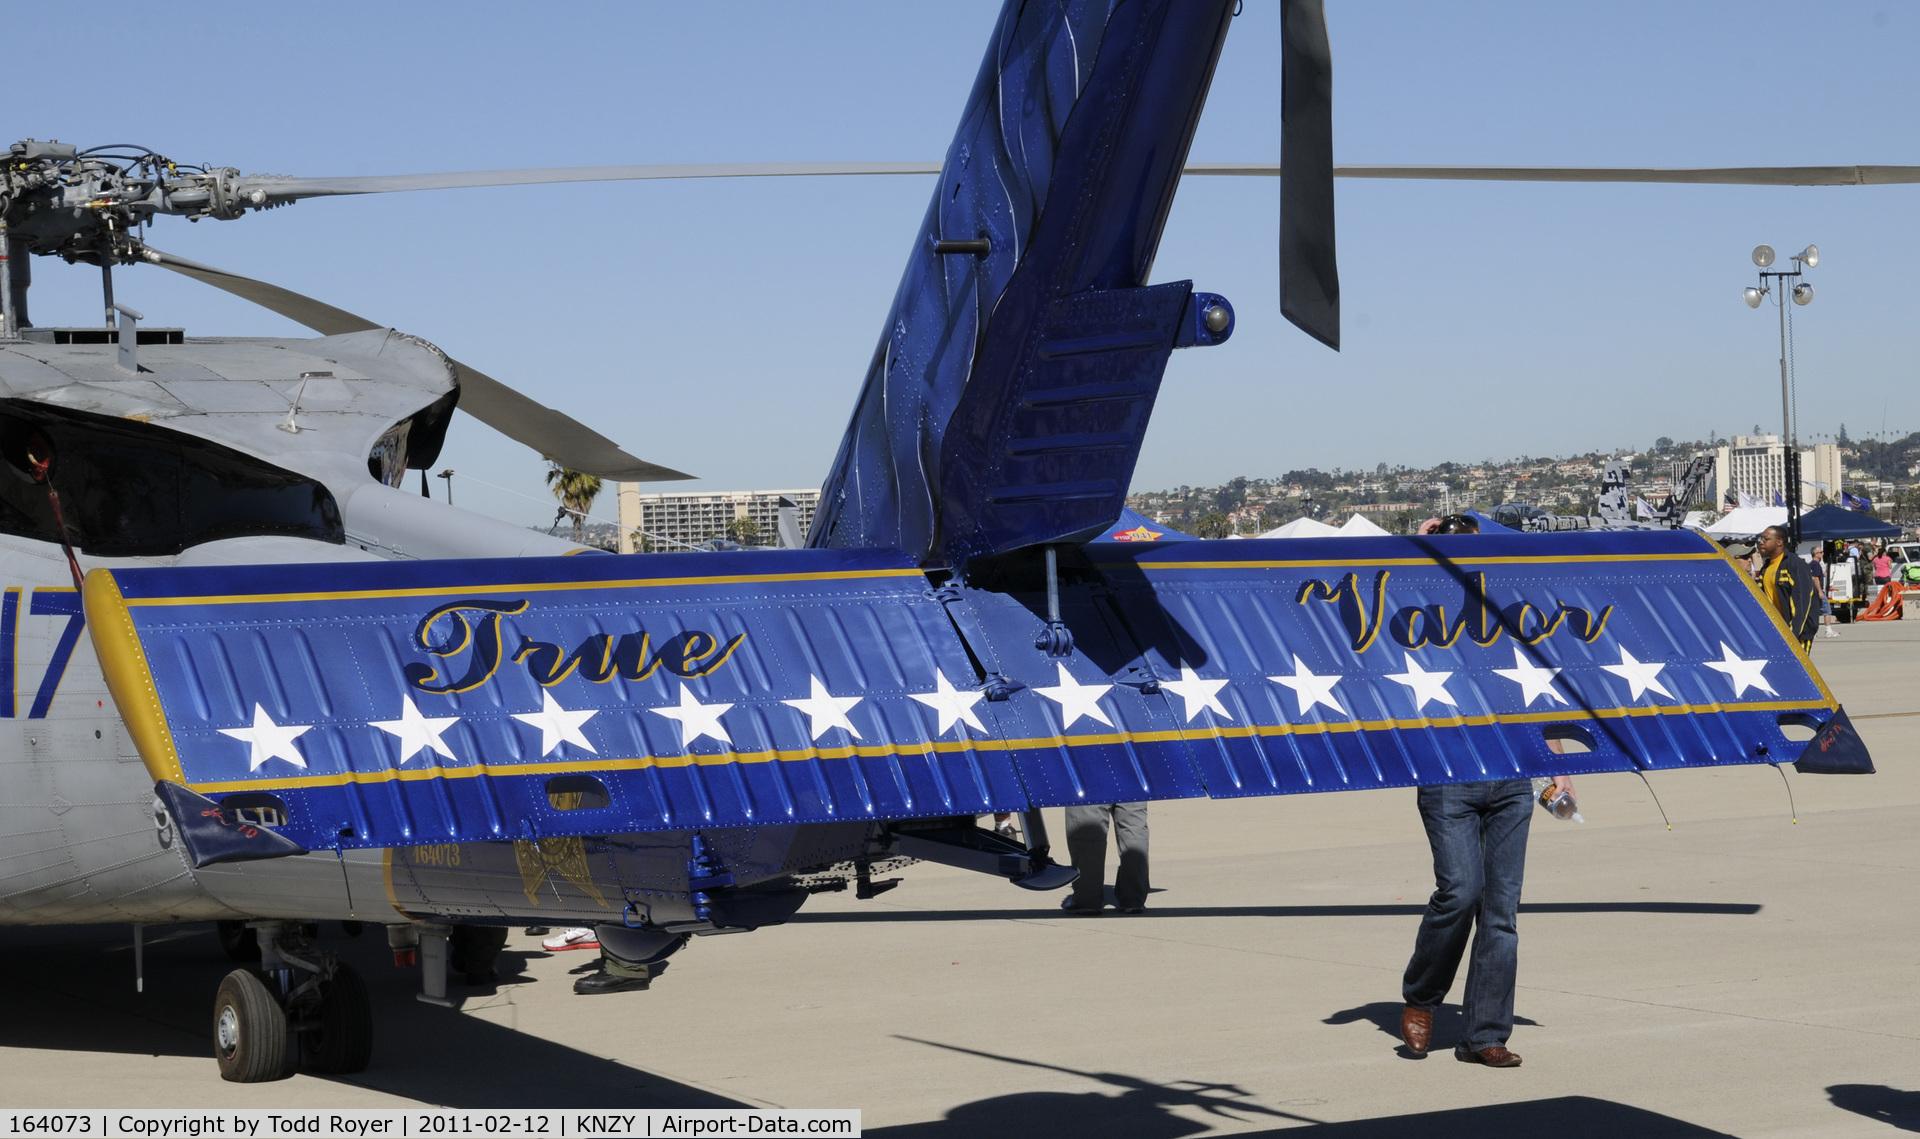 164073, Sikorsky SH-60F Ocean Hawk C/N Not found 164073, Special Paint